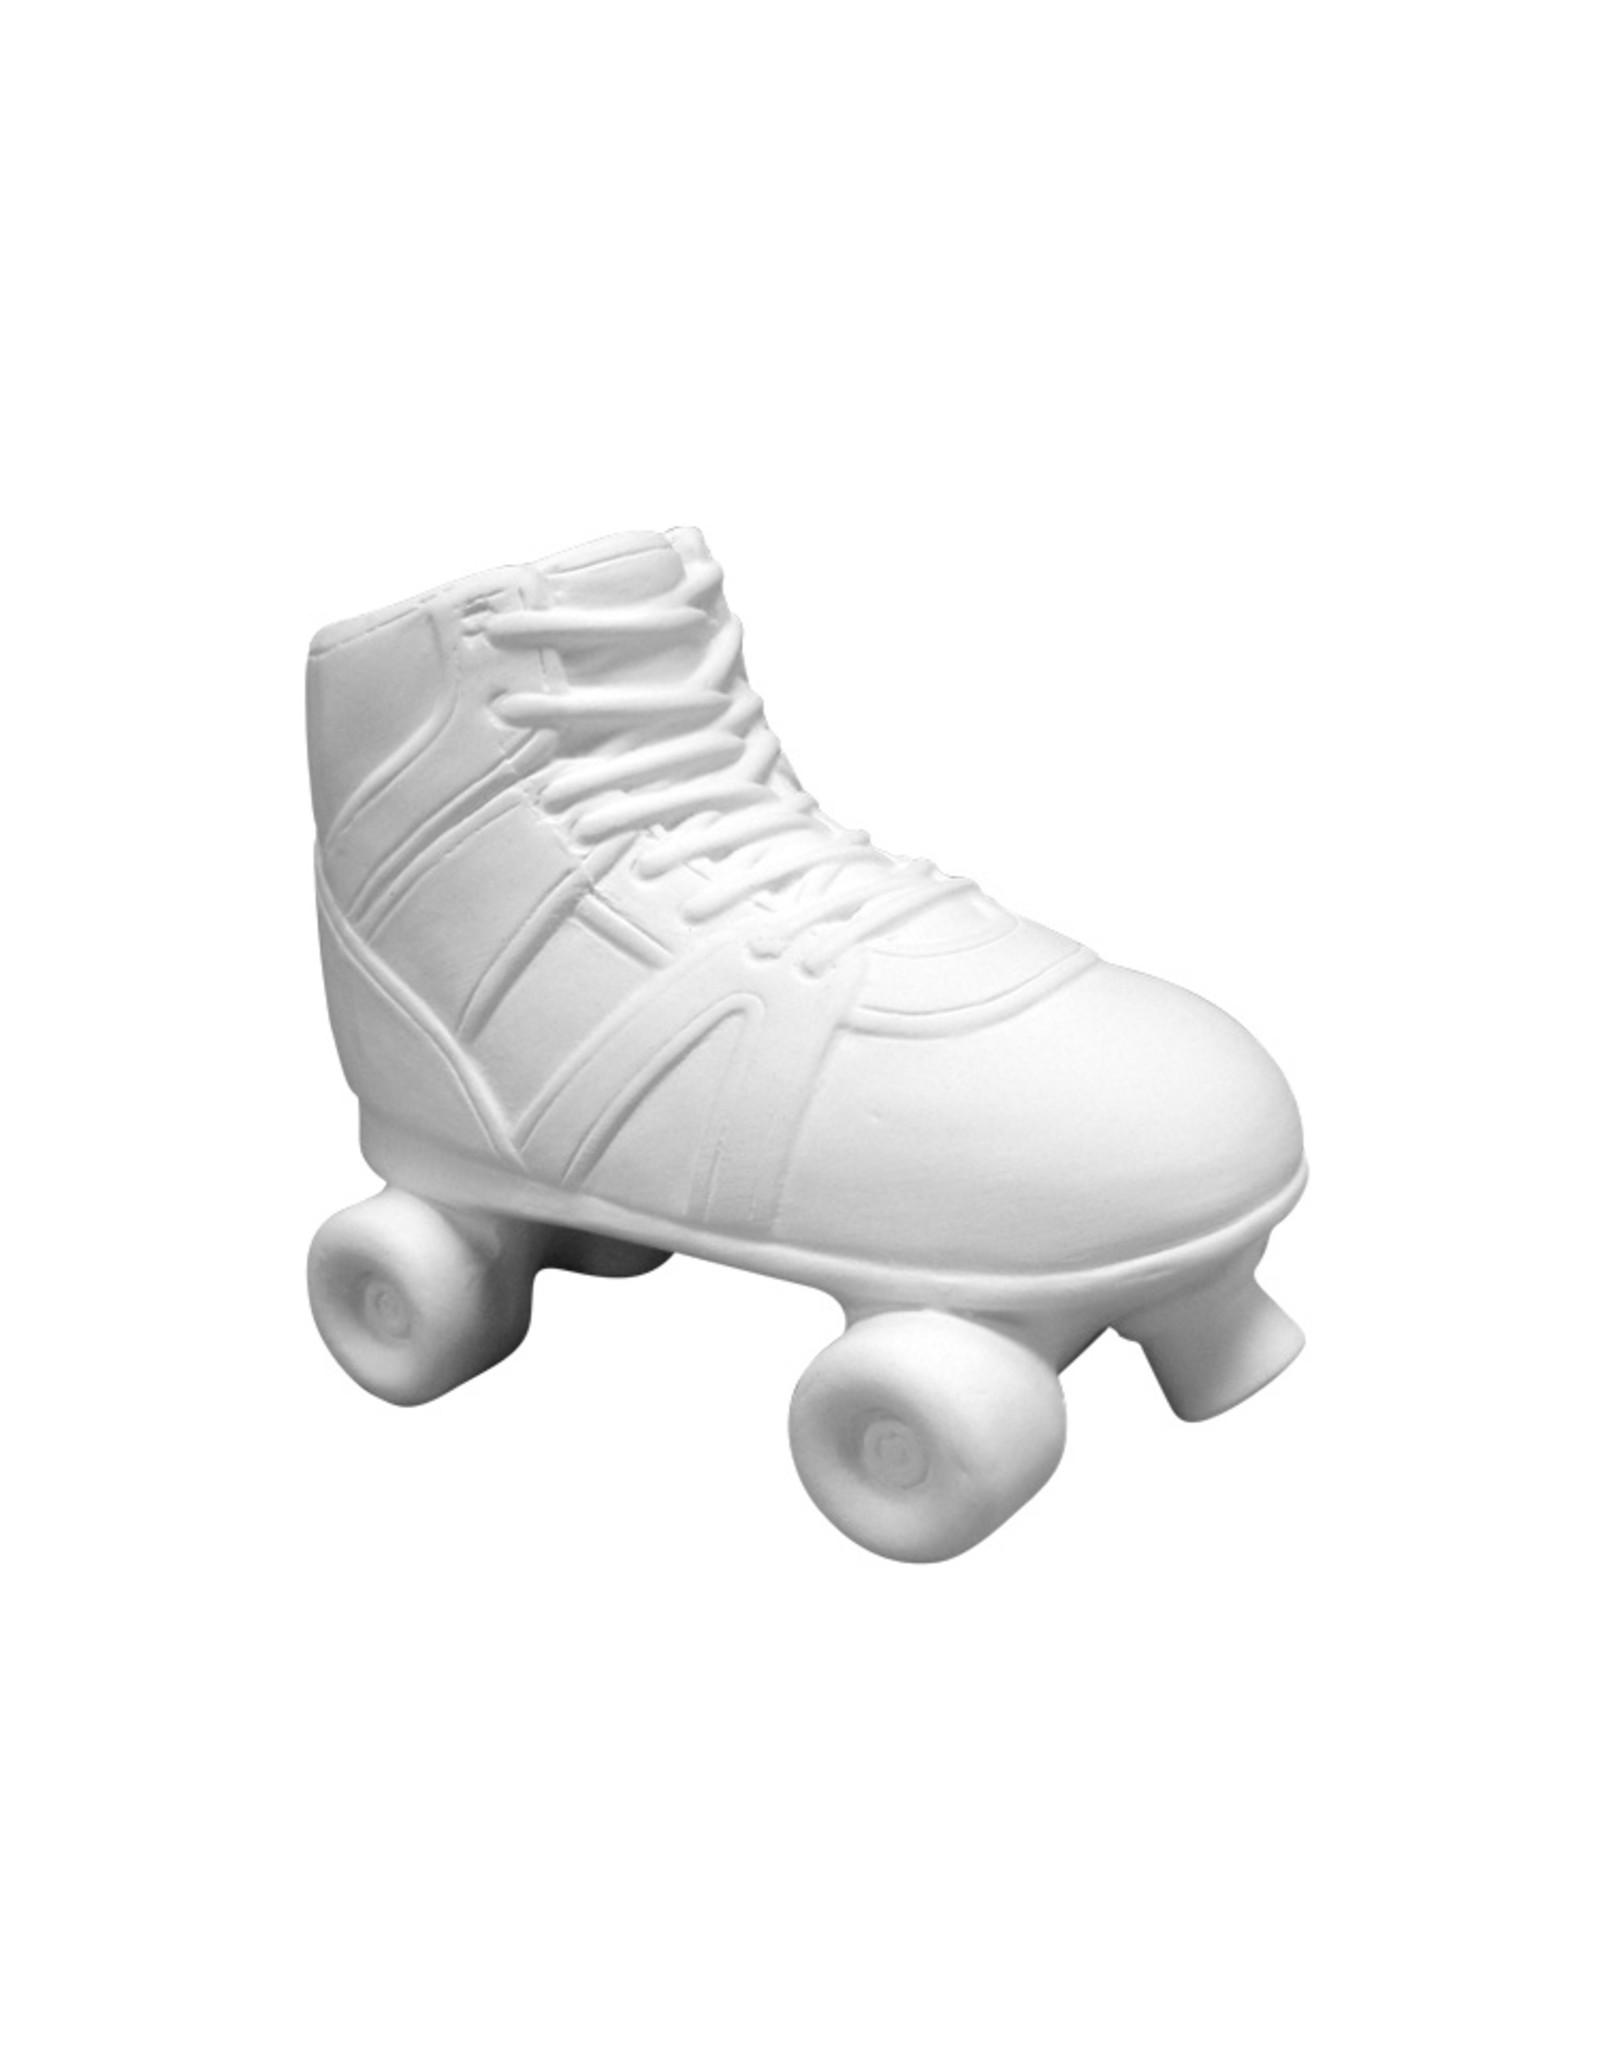 ART KIT Art Kit: Rock n Rolla Skate